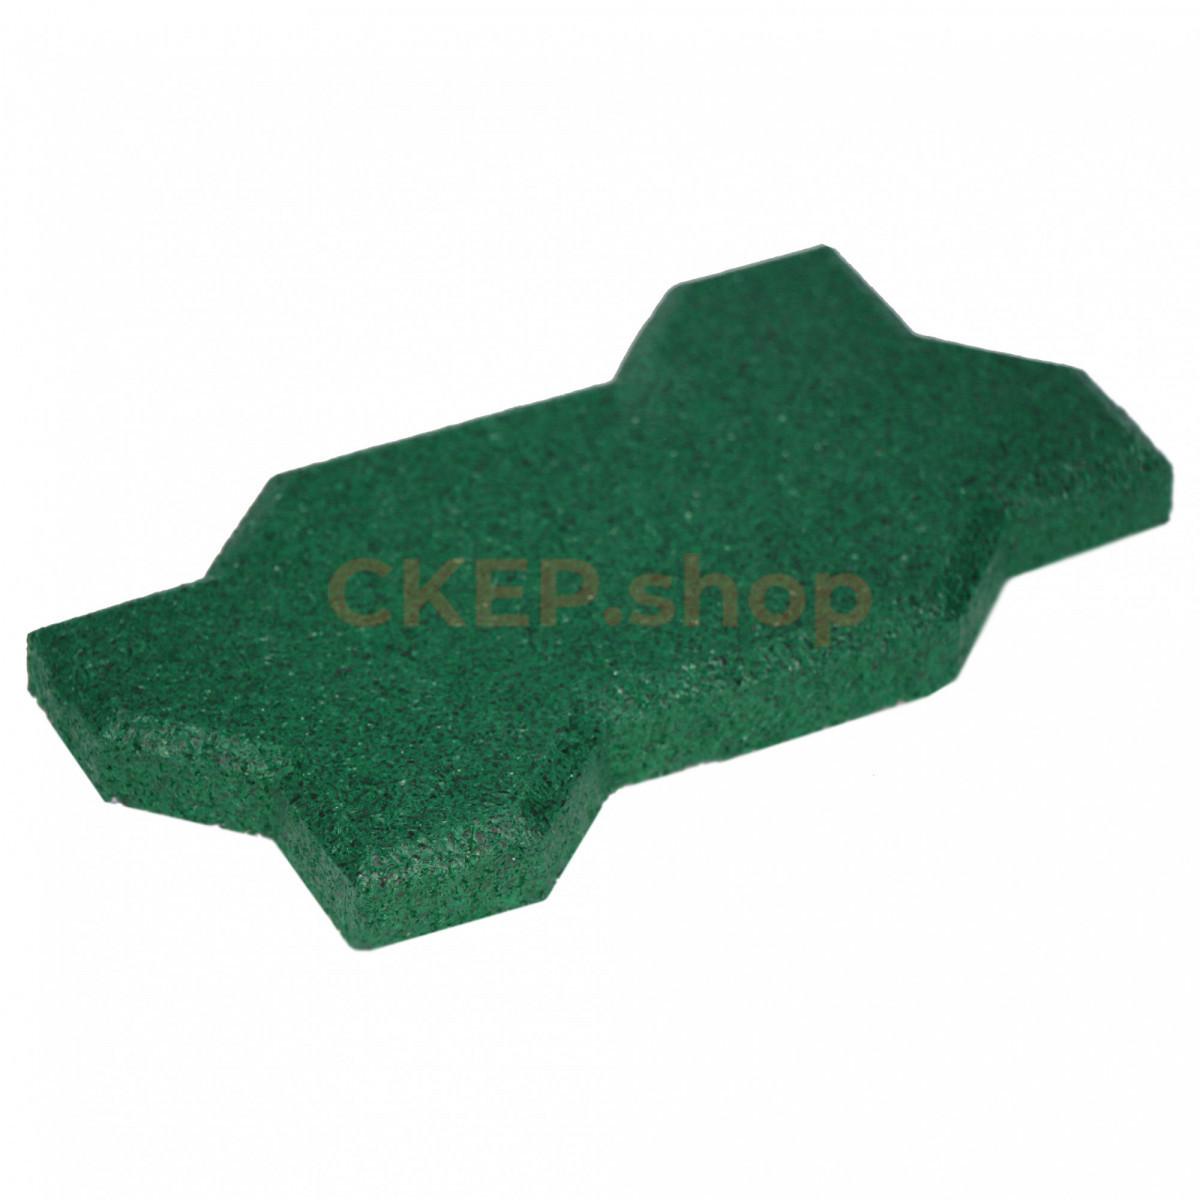 Резиновая брусчатка Волна, 20 мм, зеленая